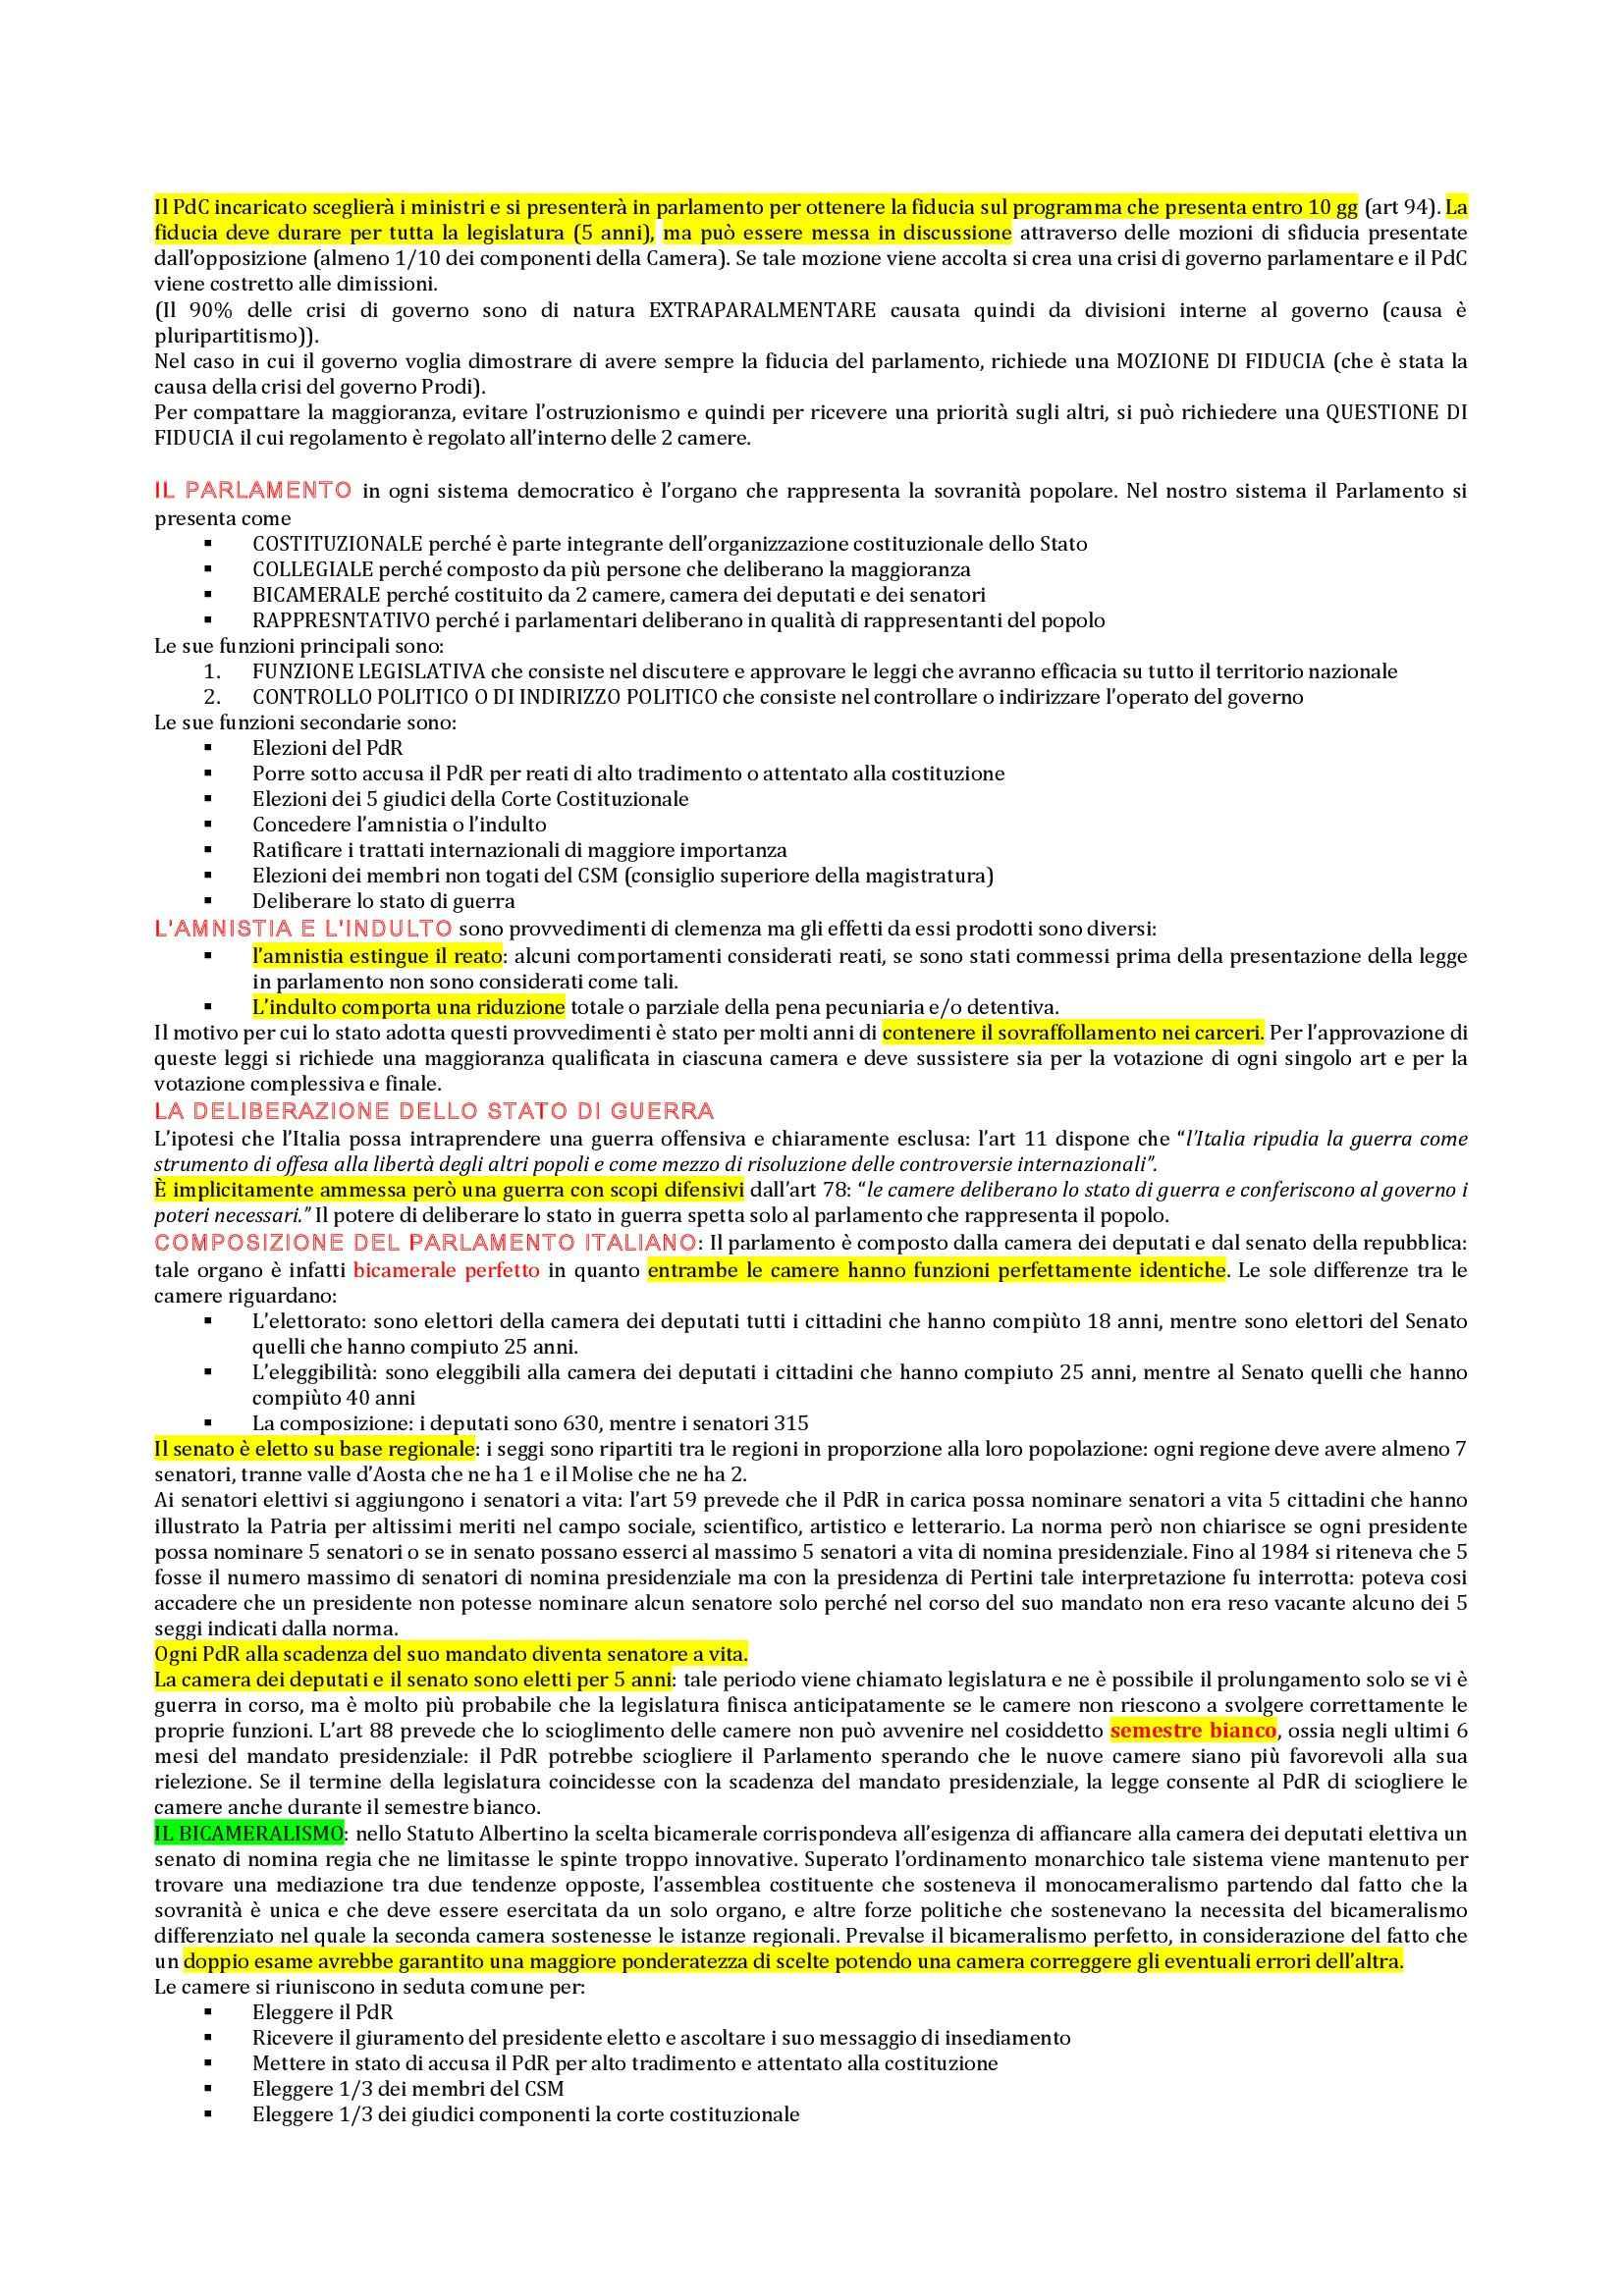 Diritto pubblico - principi fondamentali Pag. 6